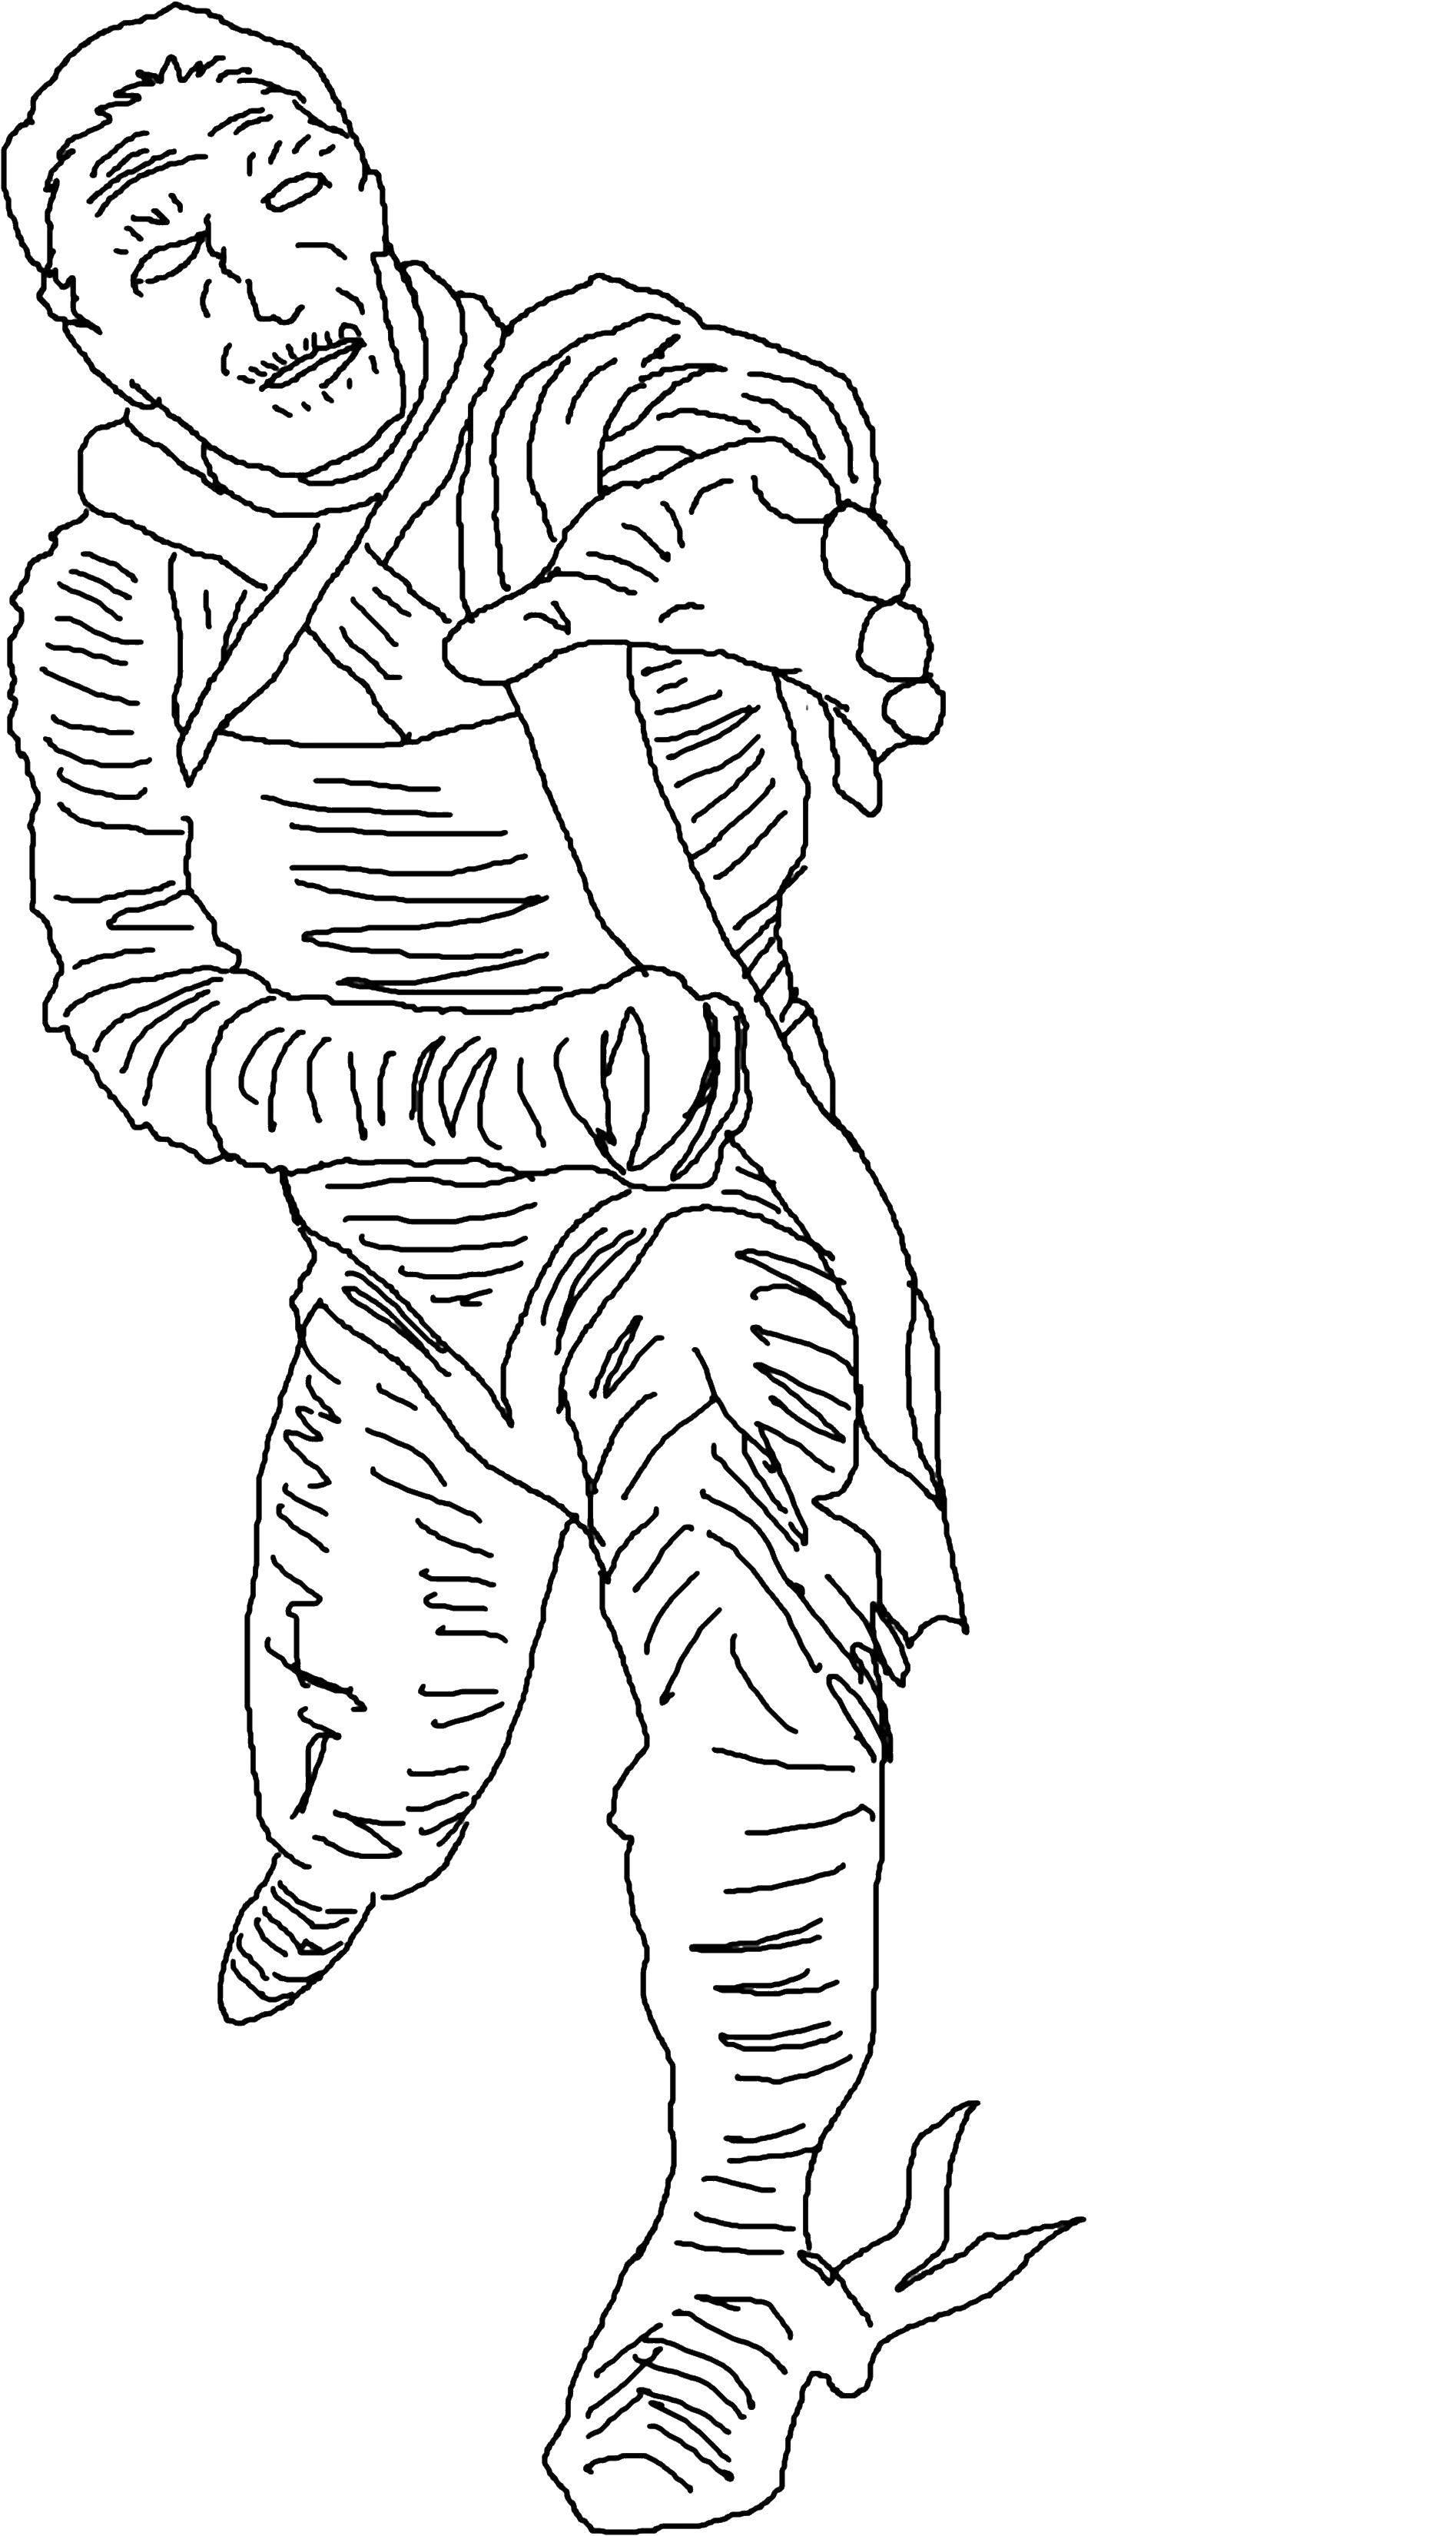 Раскраска Восстание мумии. Скачать Мумия.  Распечатать ,Мумия,